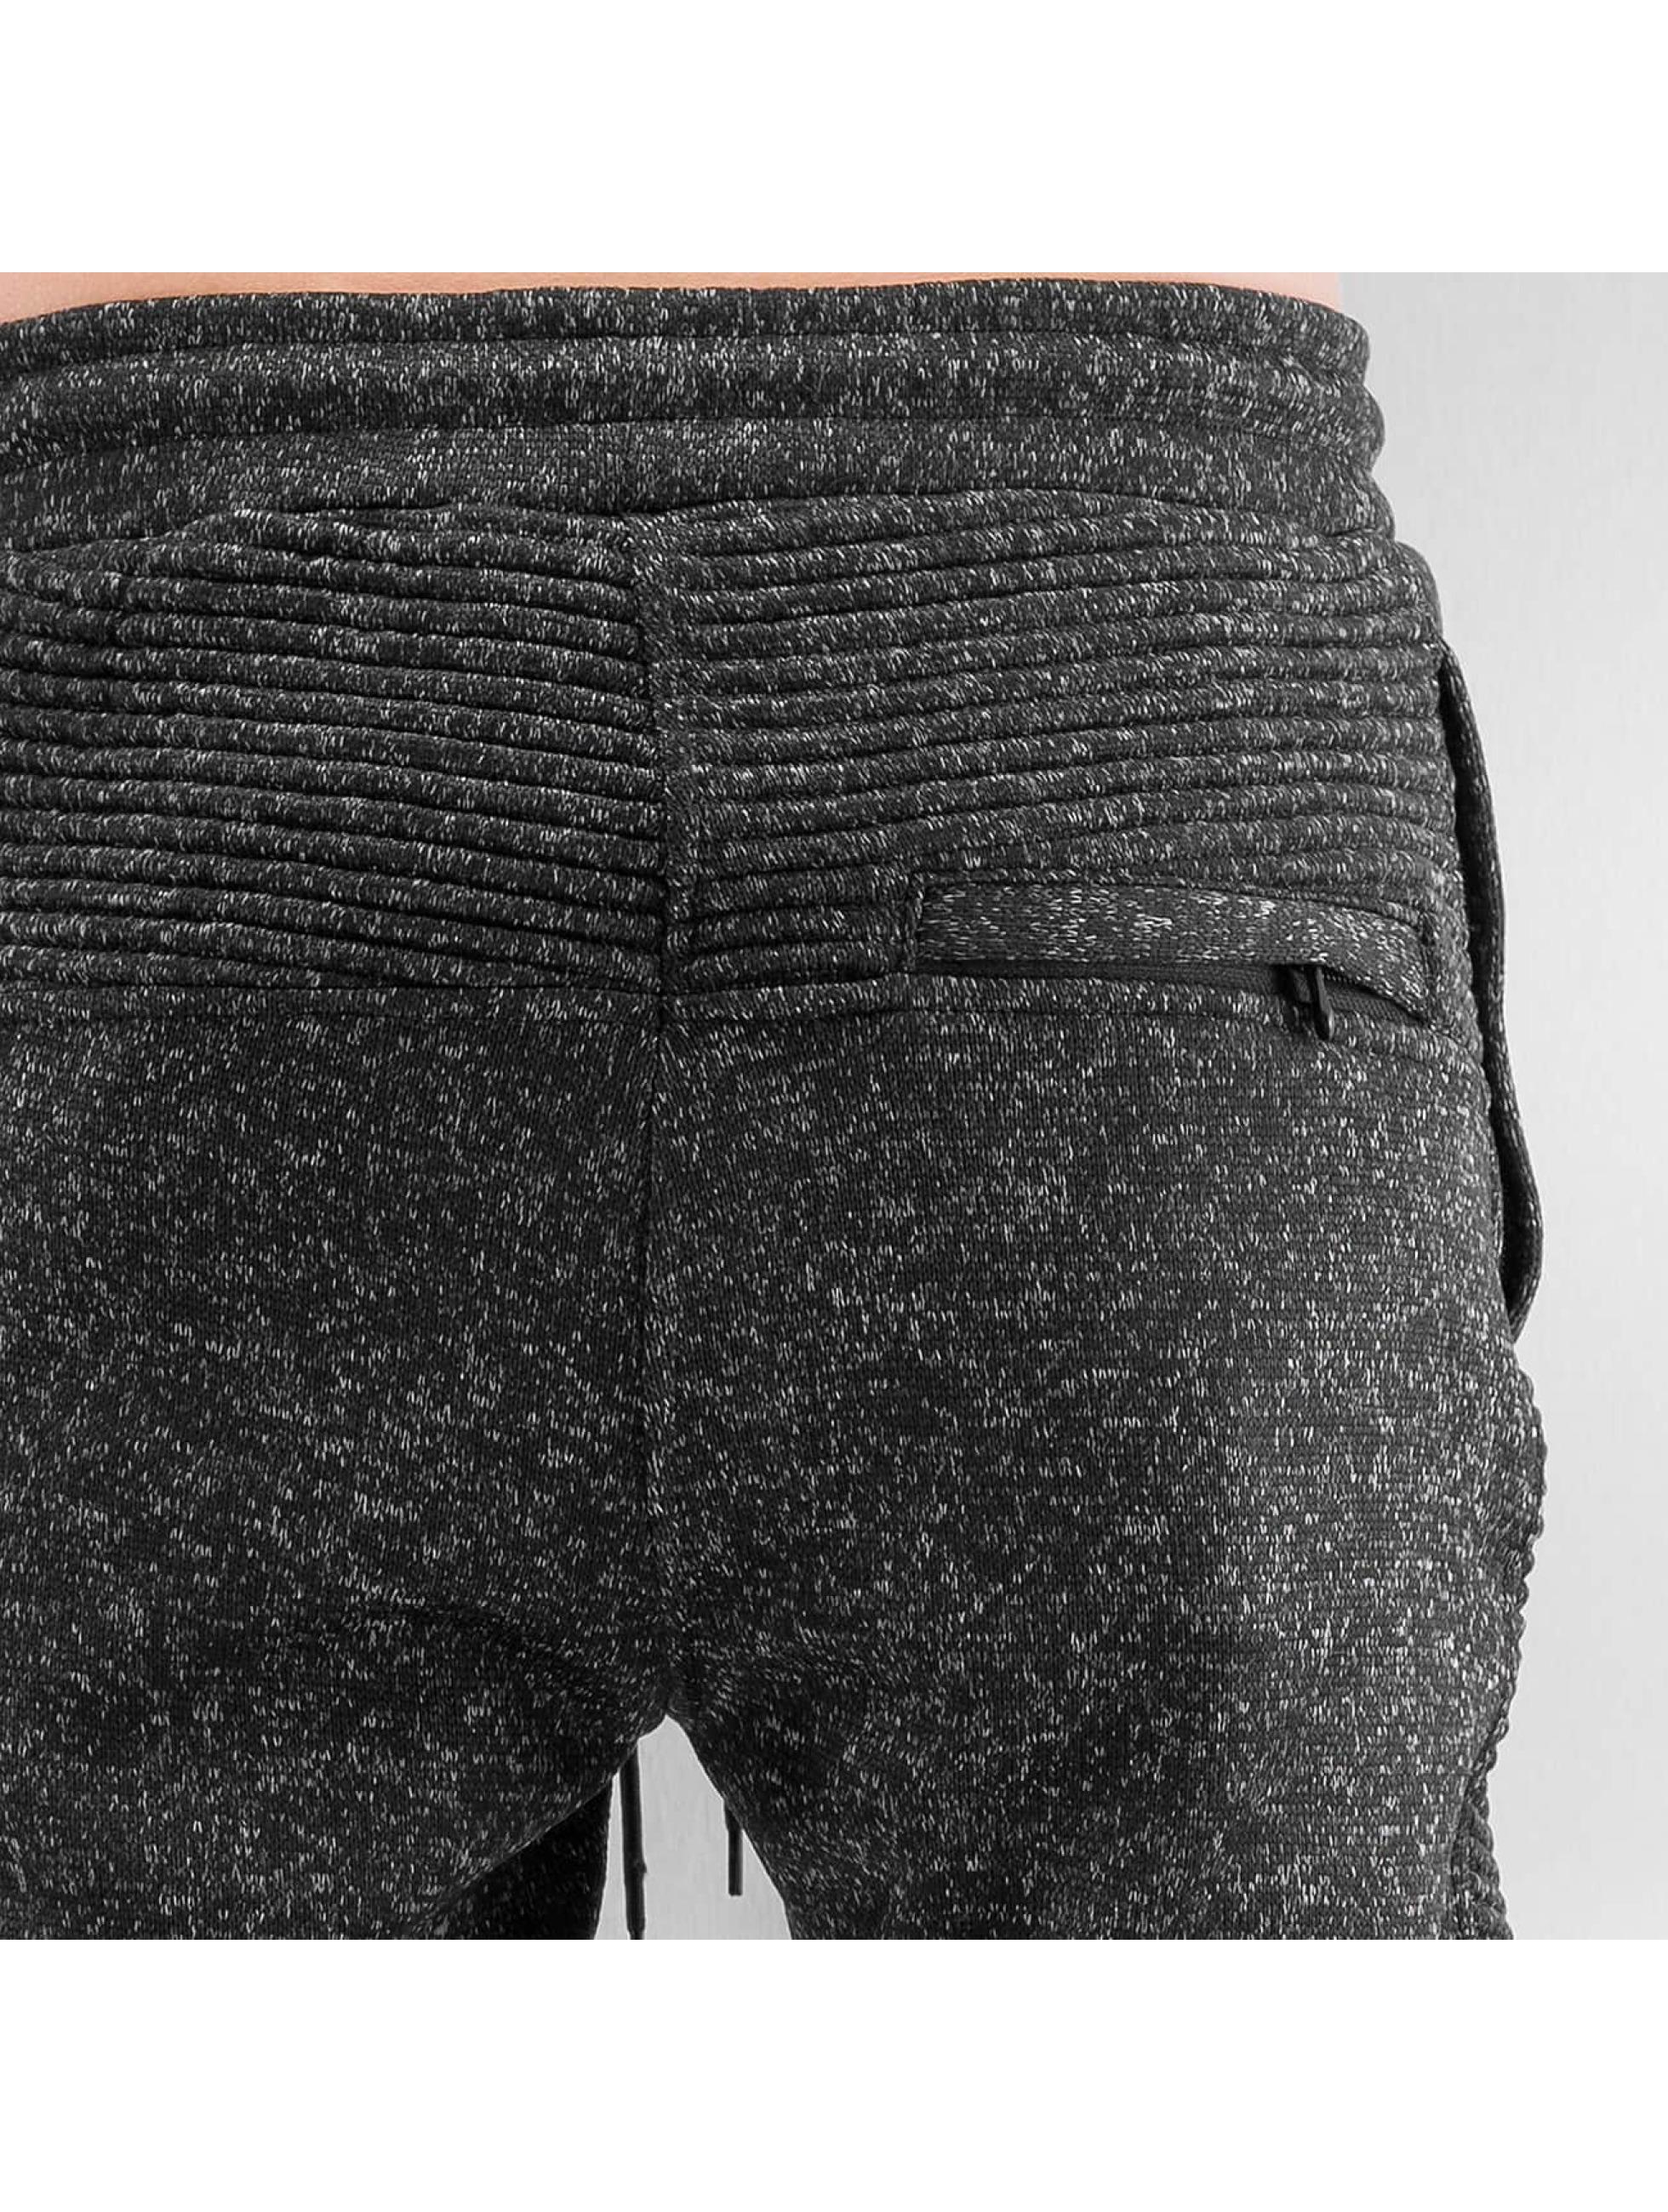 Pelle Pelle Sweat Pant Pleated black